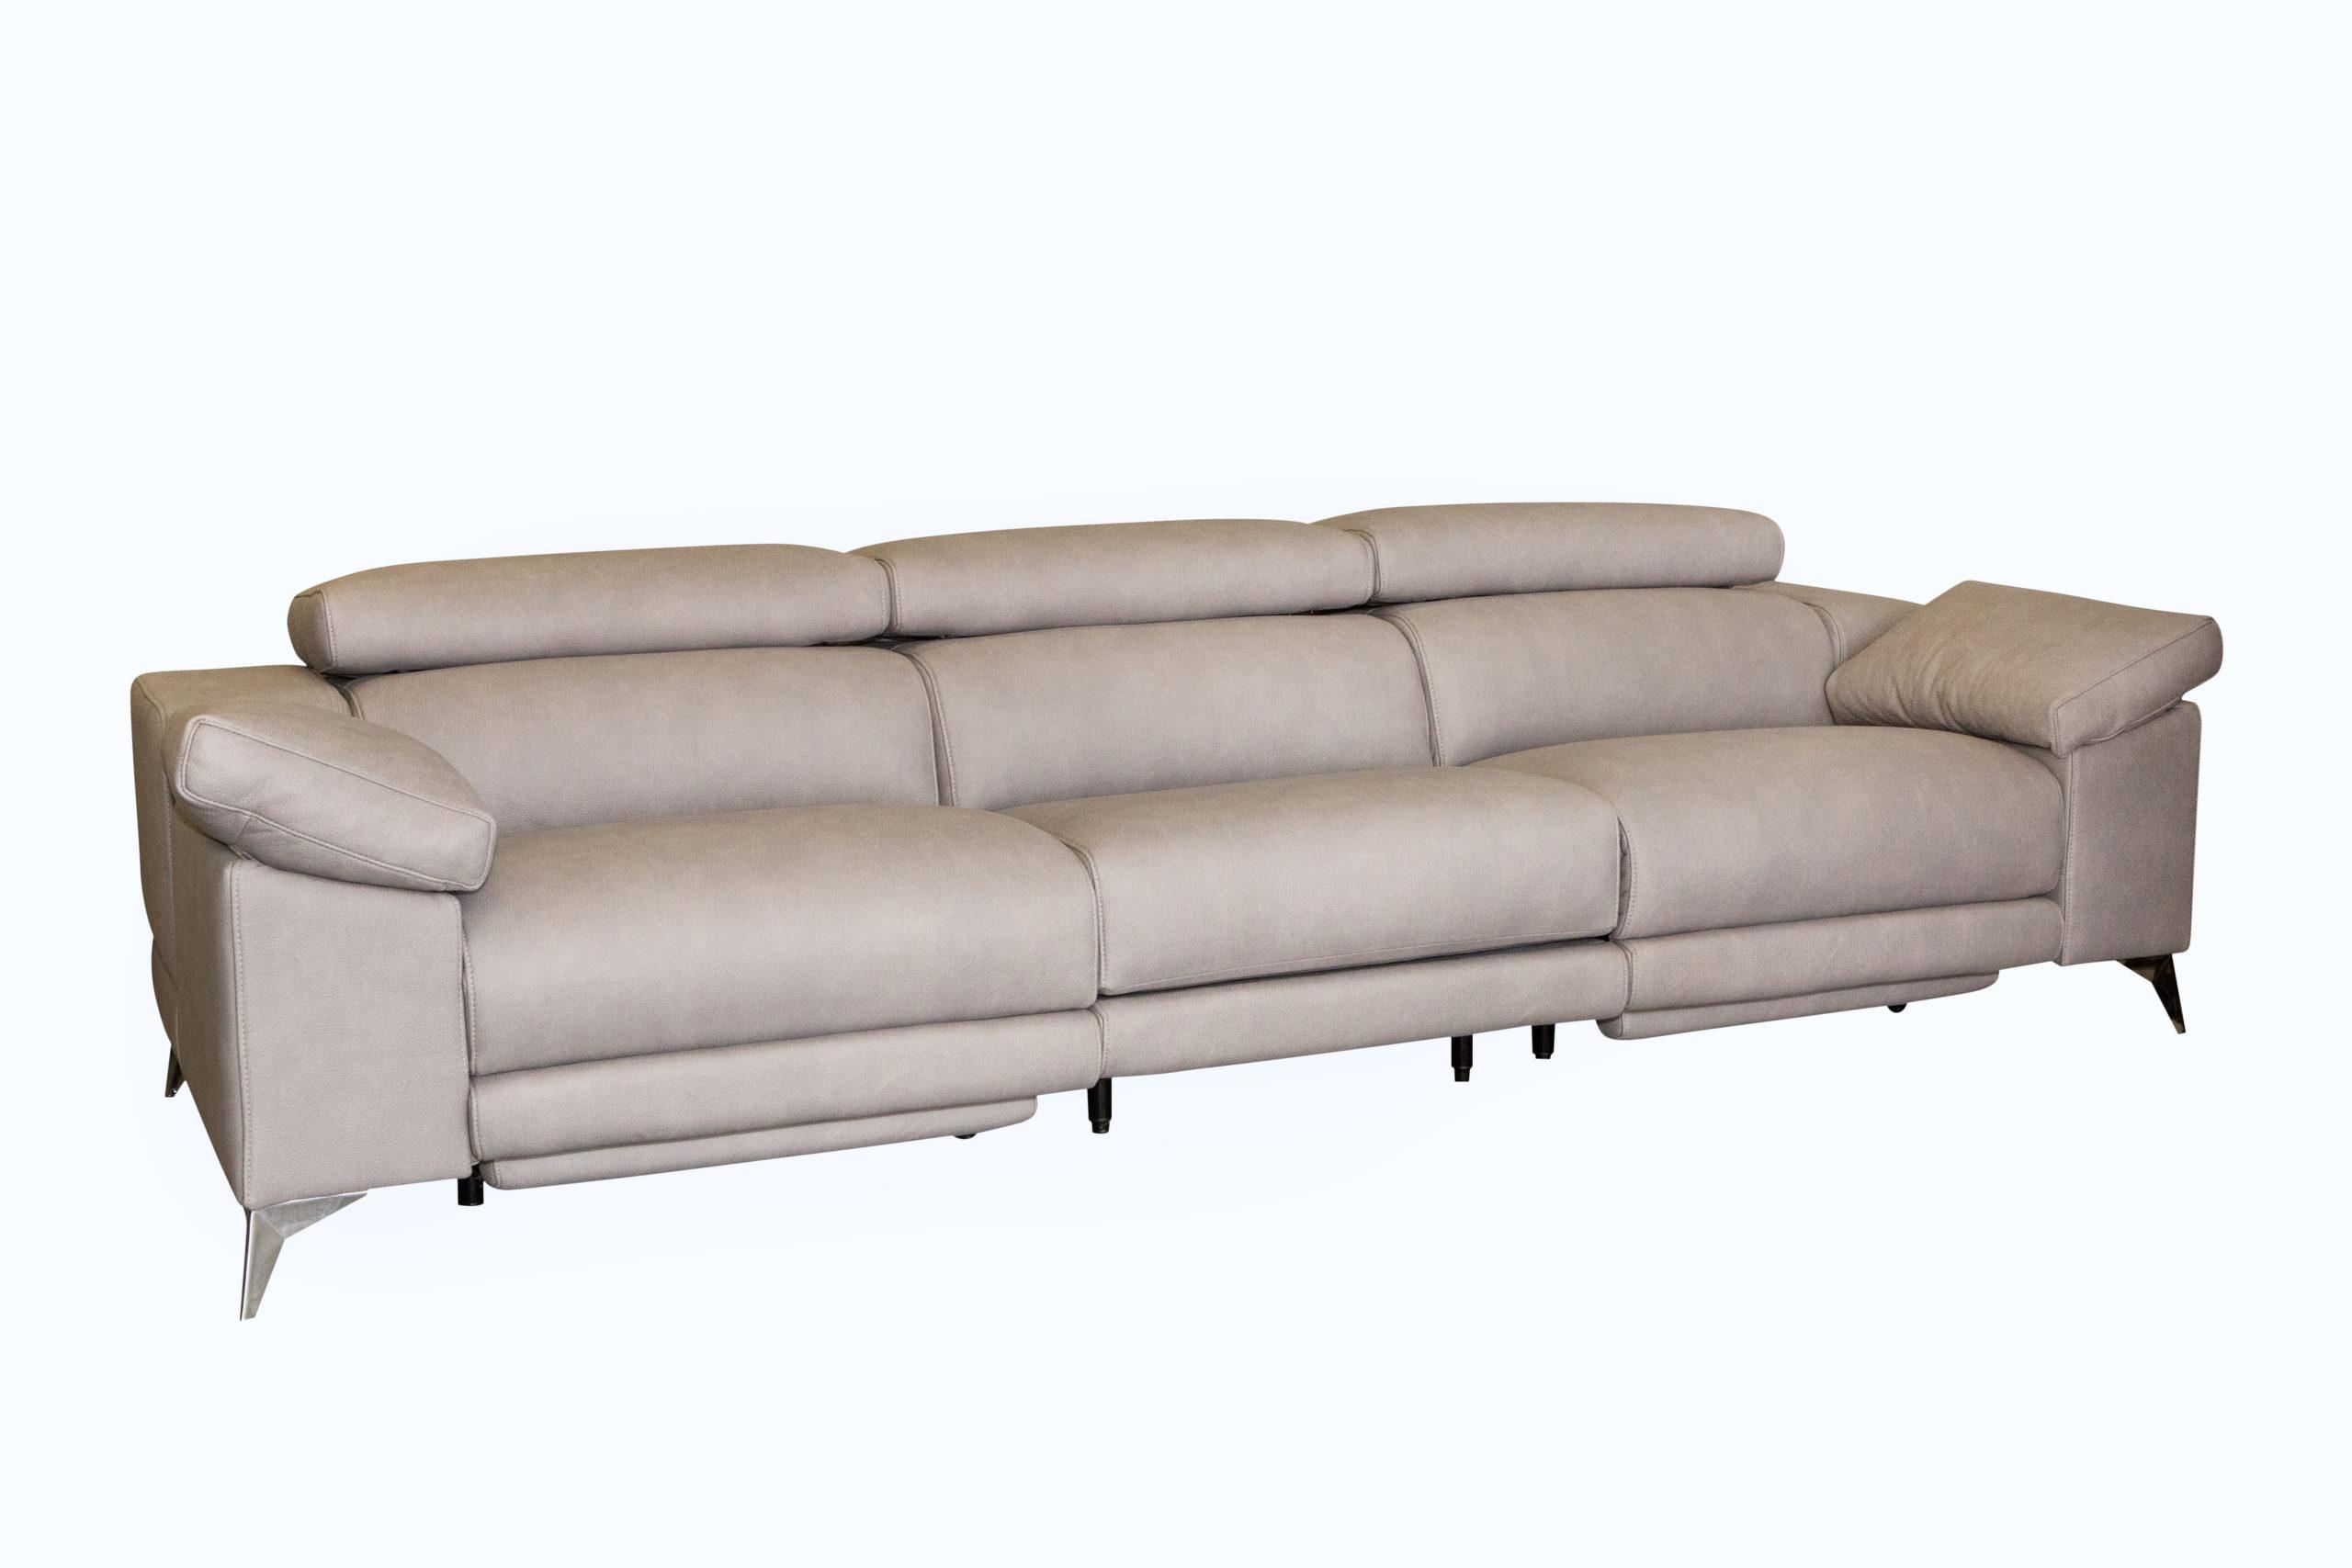 hugo-294-mt-2-relax-electricos-1-400e